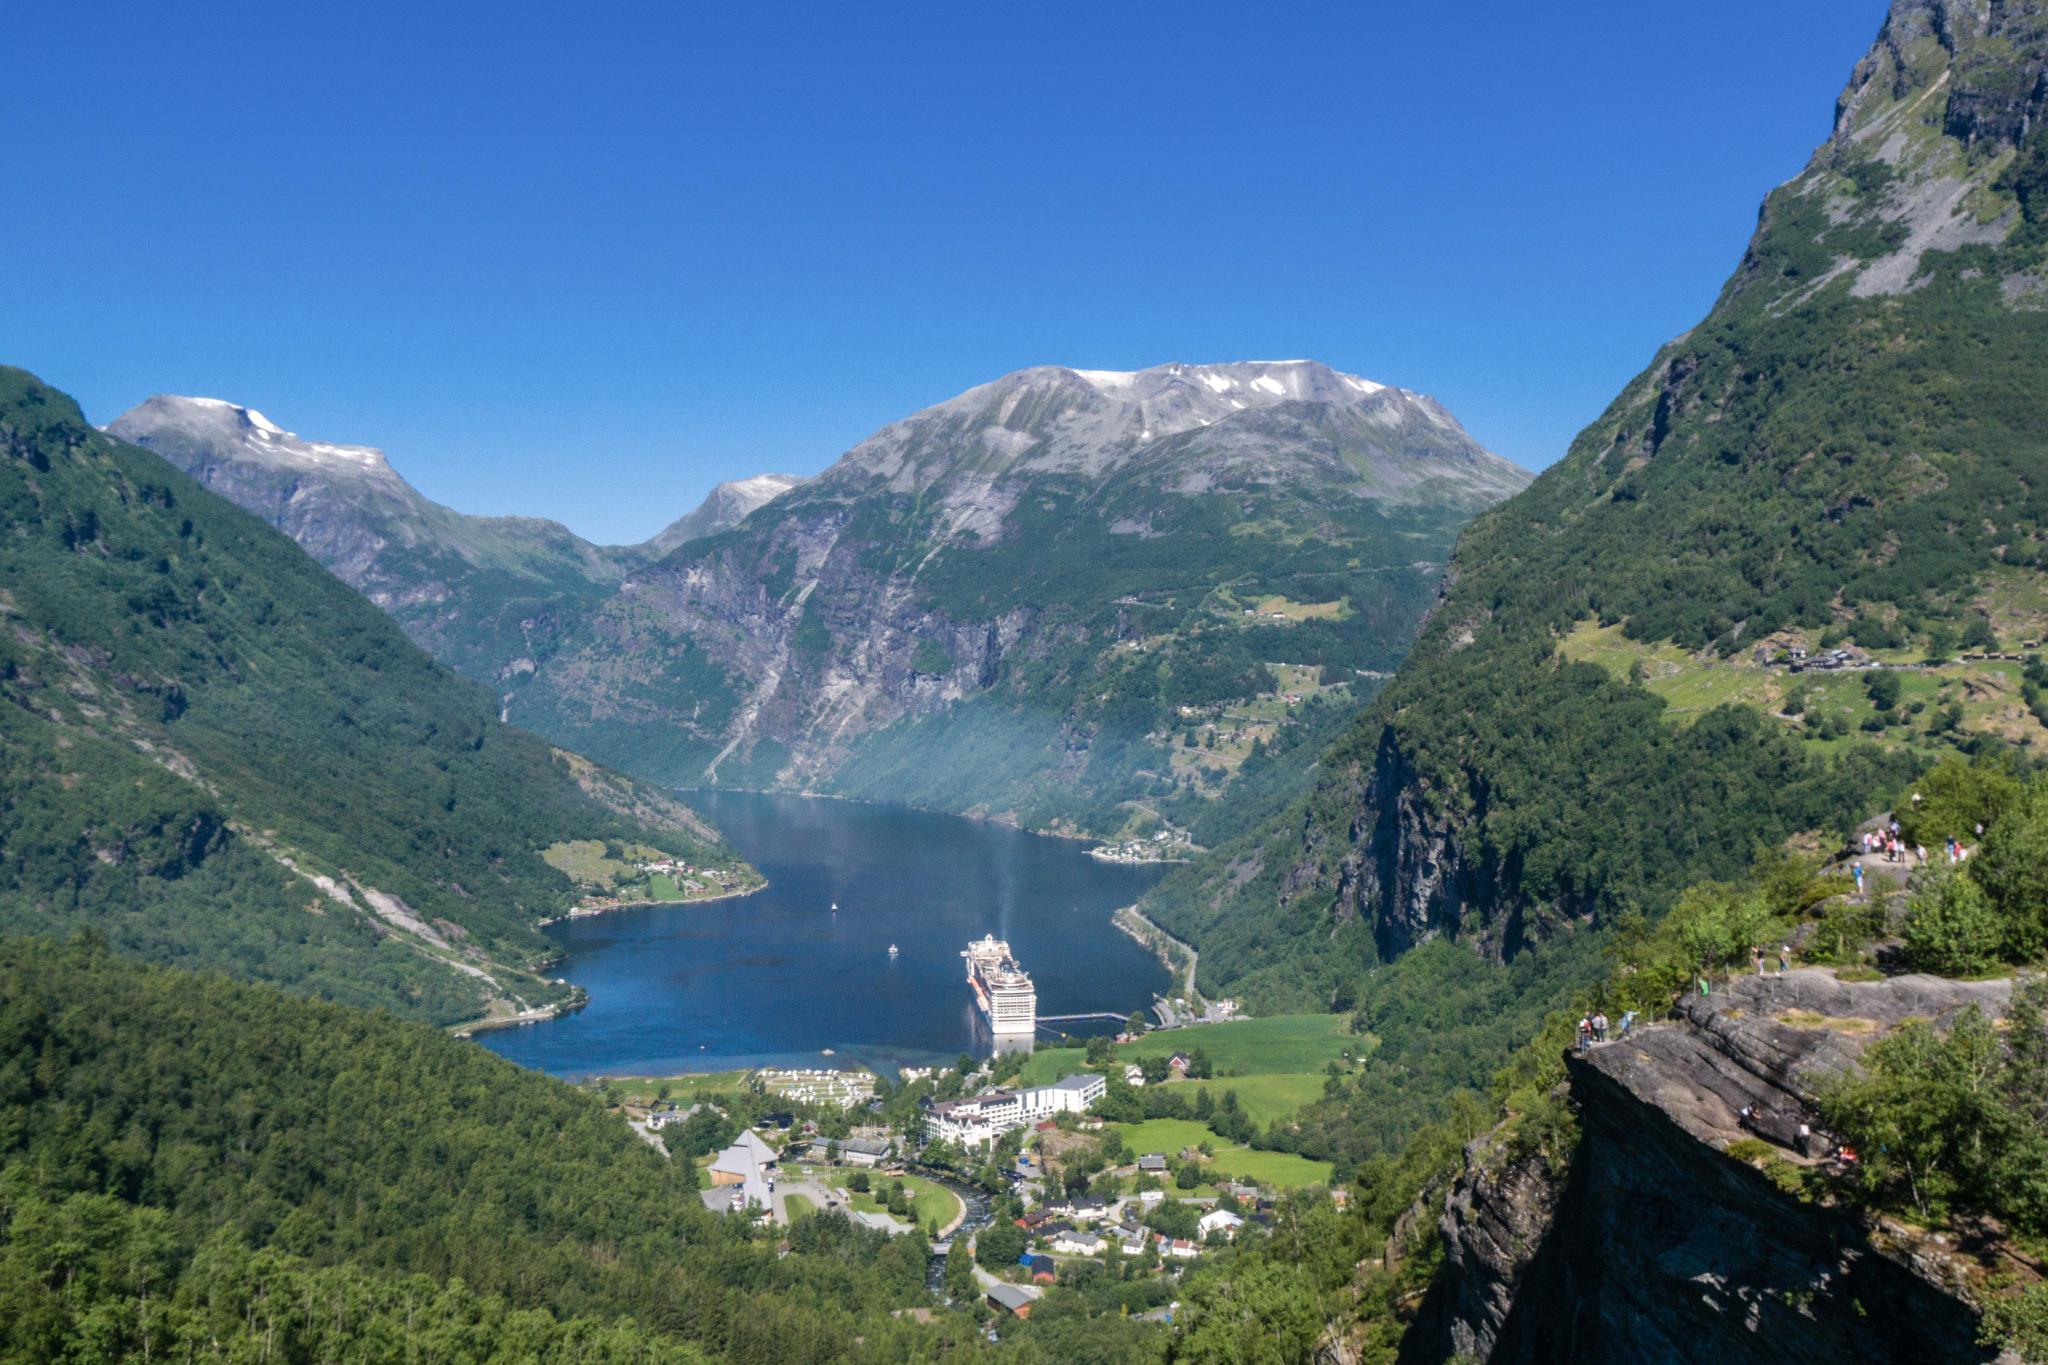 【北歐景點】深入挪威 - 精選推薦蓋倫格峽灣最棒的8個景點! 5